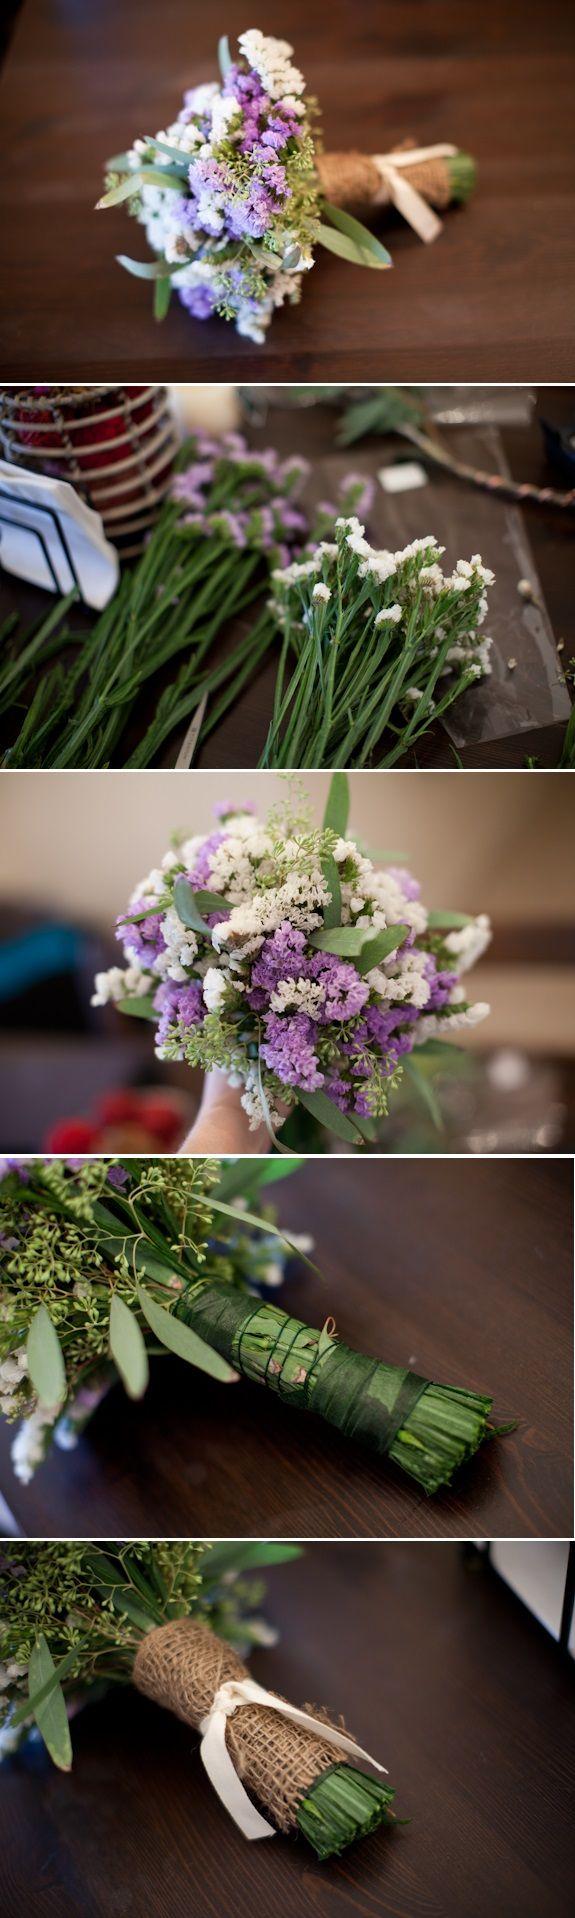 Top 10 Unique DIY Wedding Bouquets Diy wedding bouquet